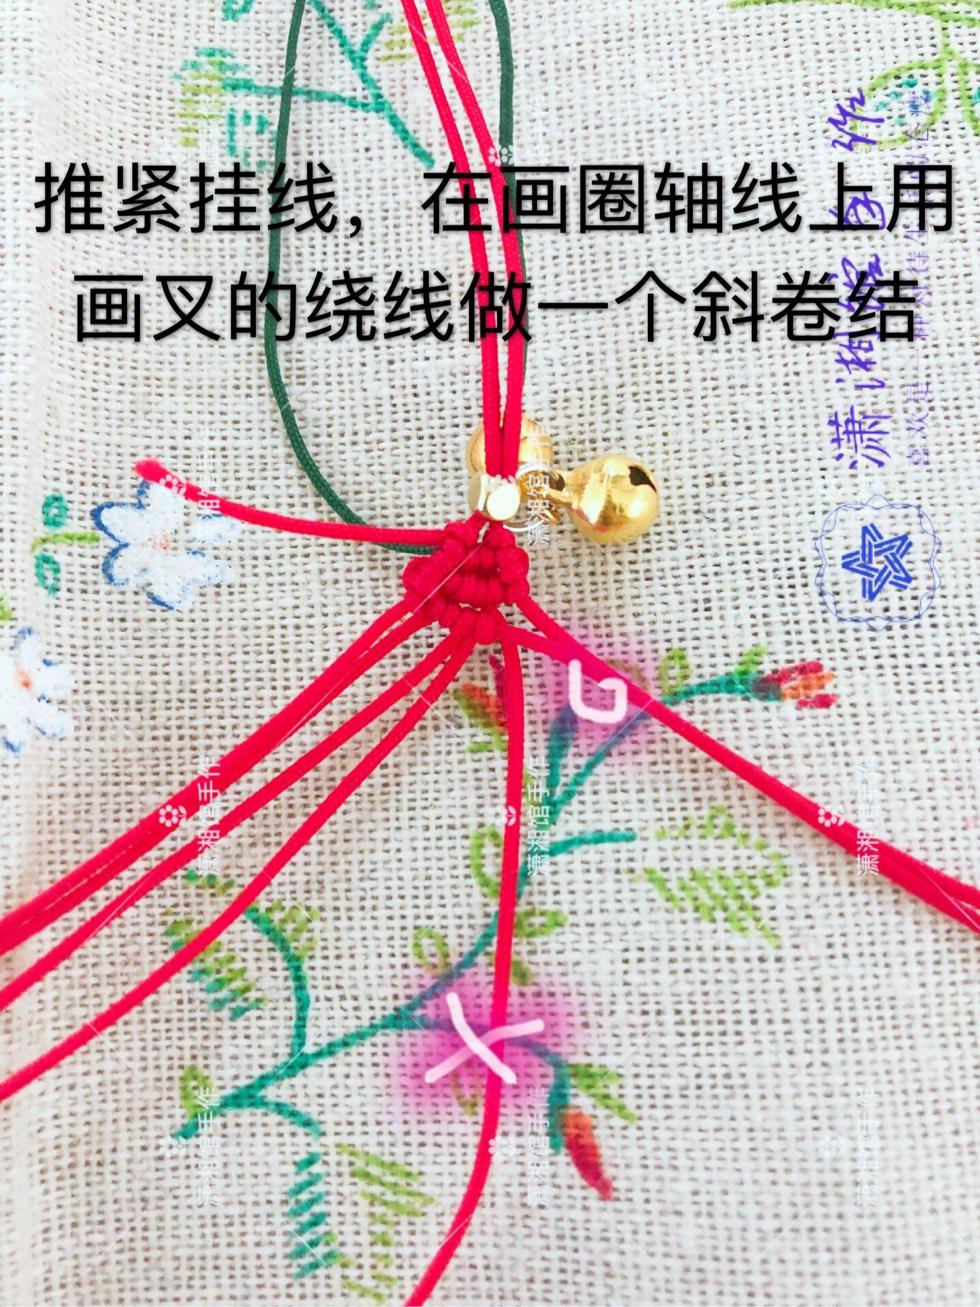 中国结论坛 圣诞节蝴蝶结手链  图文教程区 114858uvwpztggh3kj2jkm